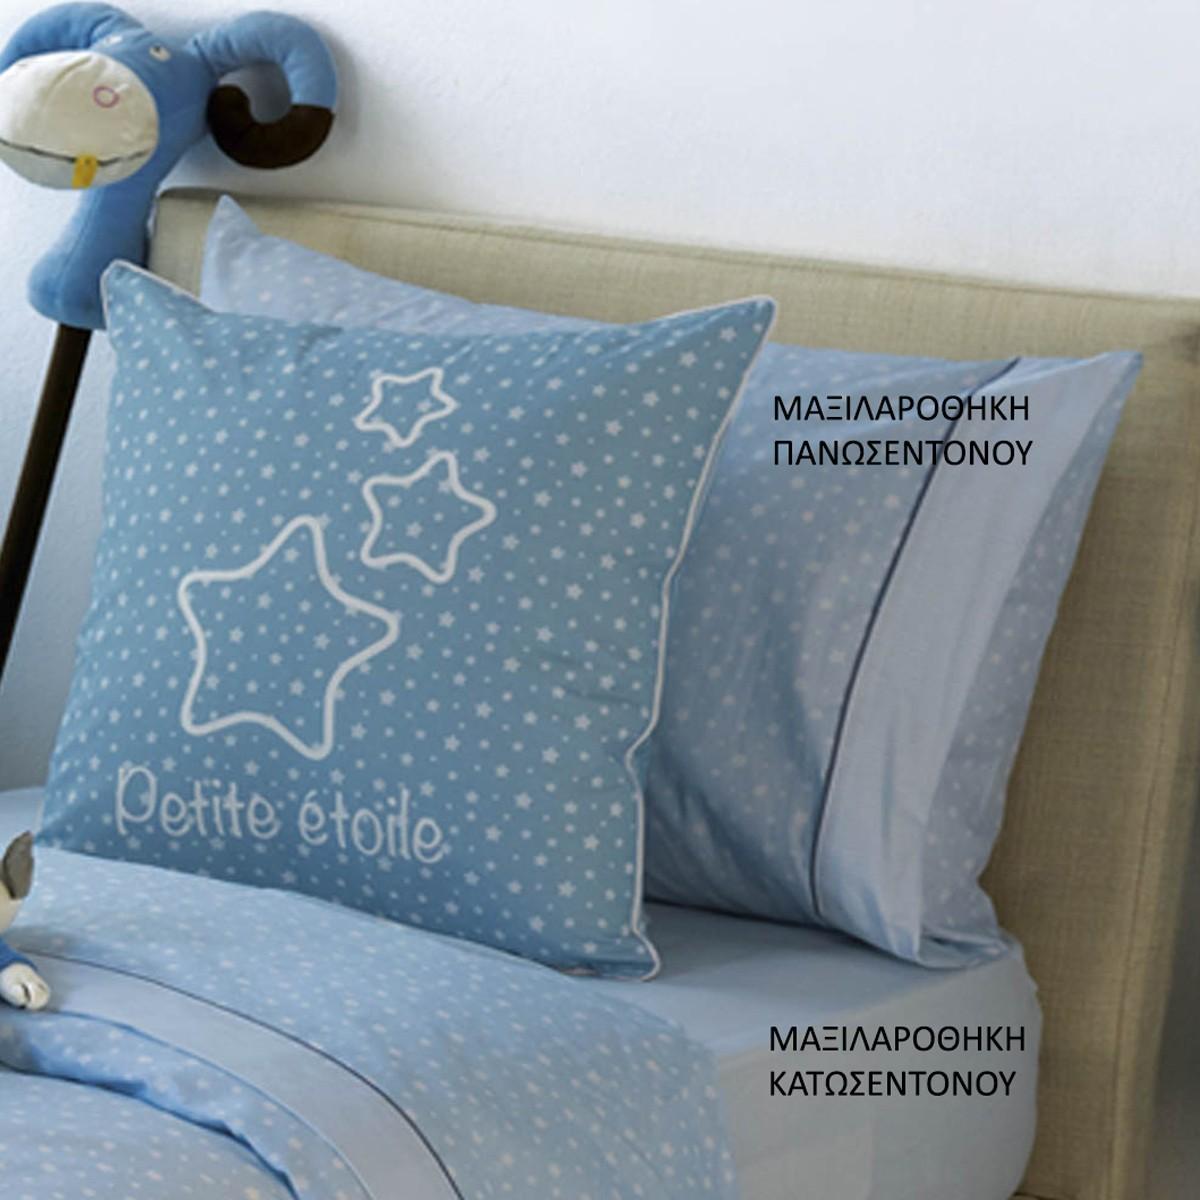 Μαξιλαροθήκη Kentia Kids Kiko ΜΑΞΙΛΑΡΟΘΗΚΗ ΚΑΤΩΣΕΝΤΟΝΟΥ ΜΑΞΙΛΑΡΟΘΗΚΗ ΚΑΤΩΣΕΝΤΟΝΟΥ